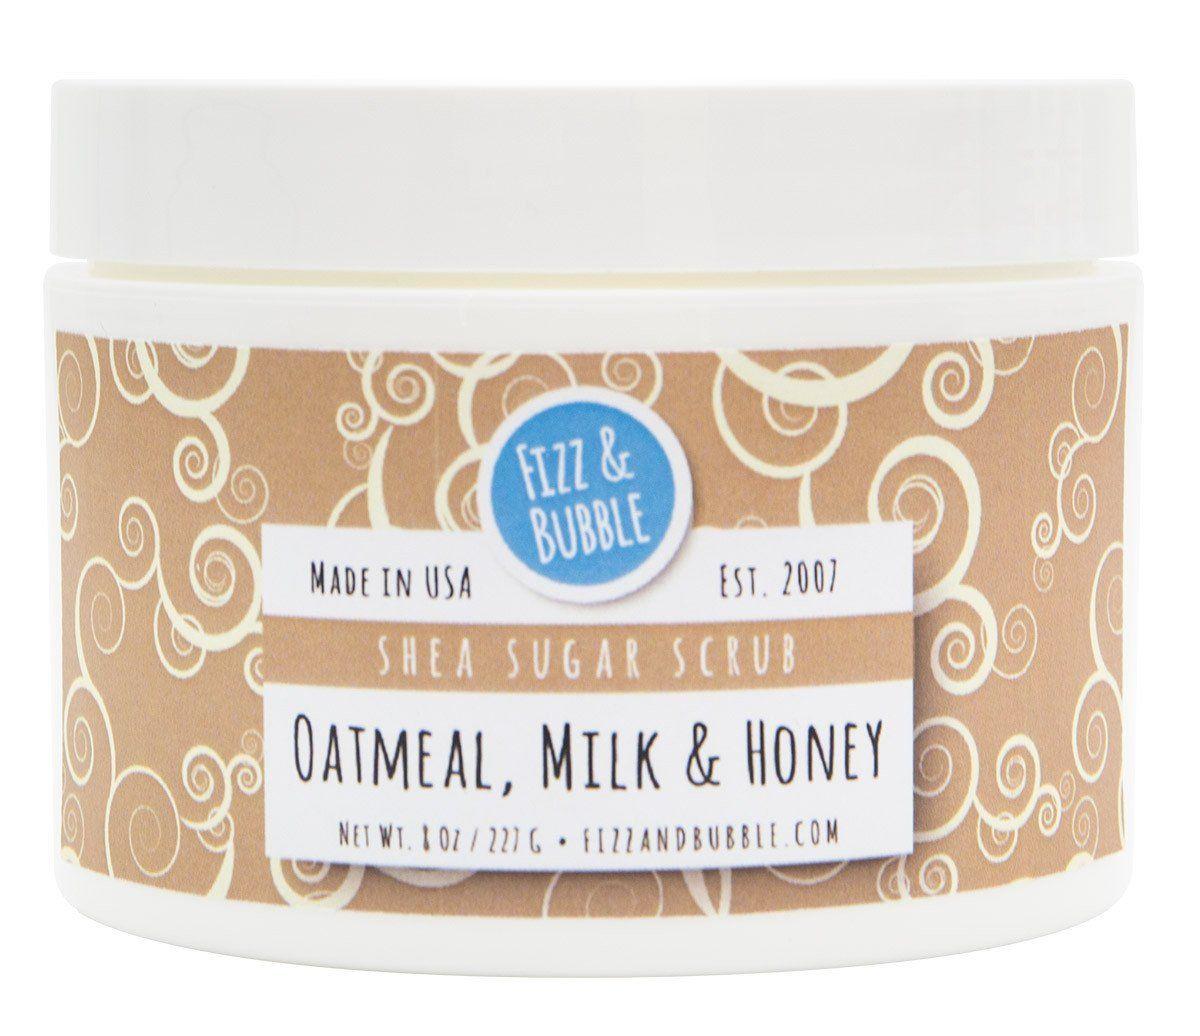 Oatmeal Milk Honey Sugar Scrub